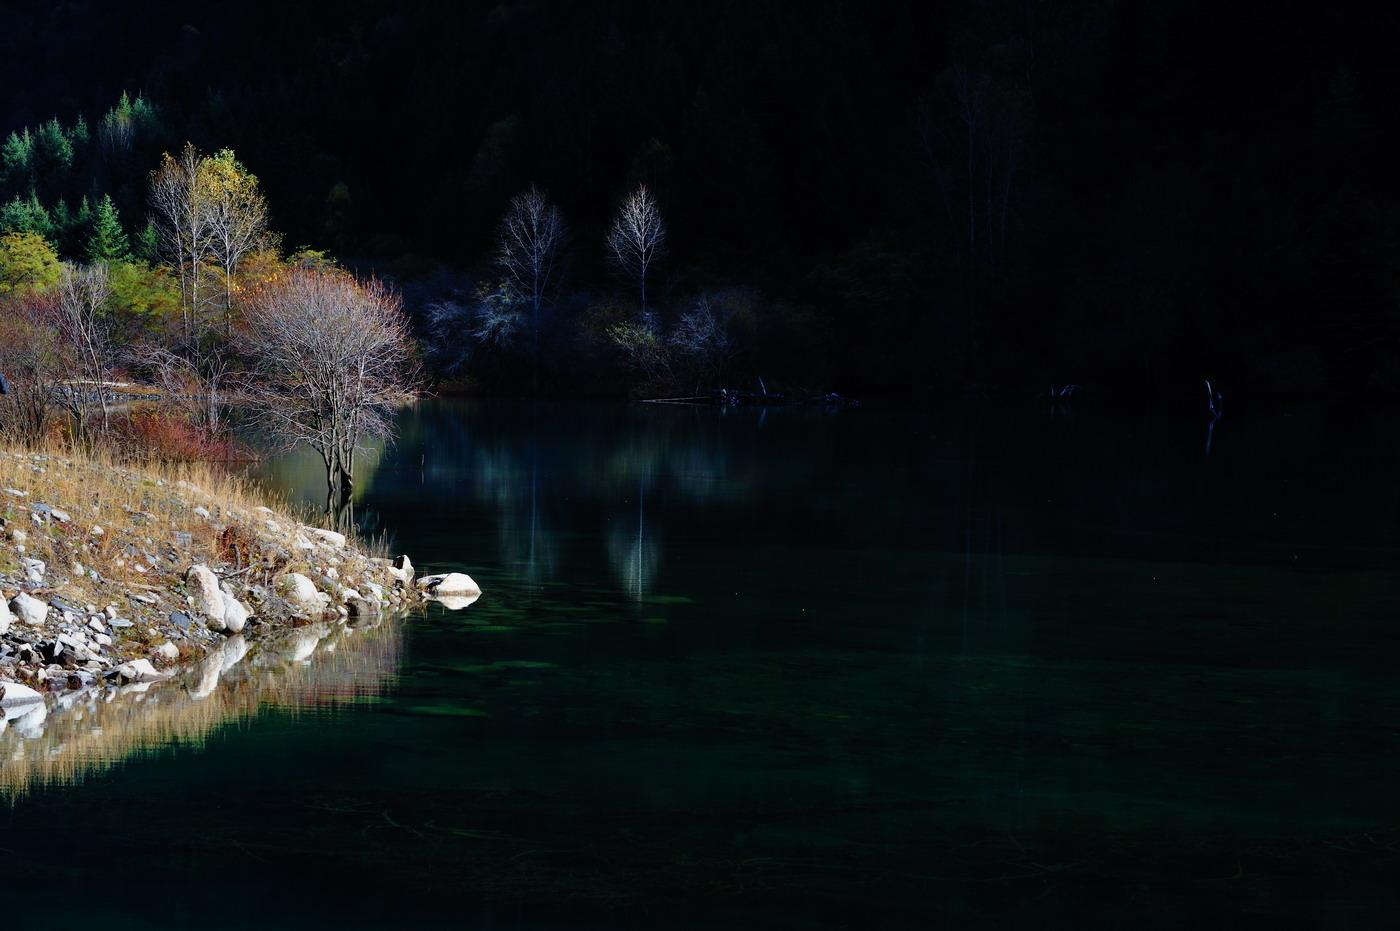 朗摄游作品:秋韵高山湖泊